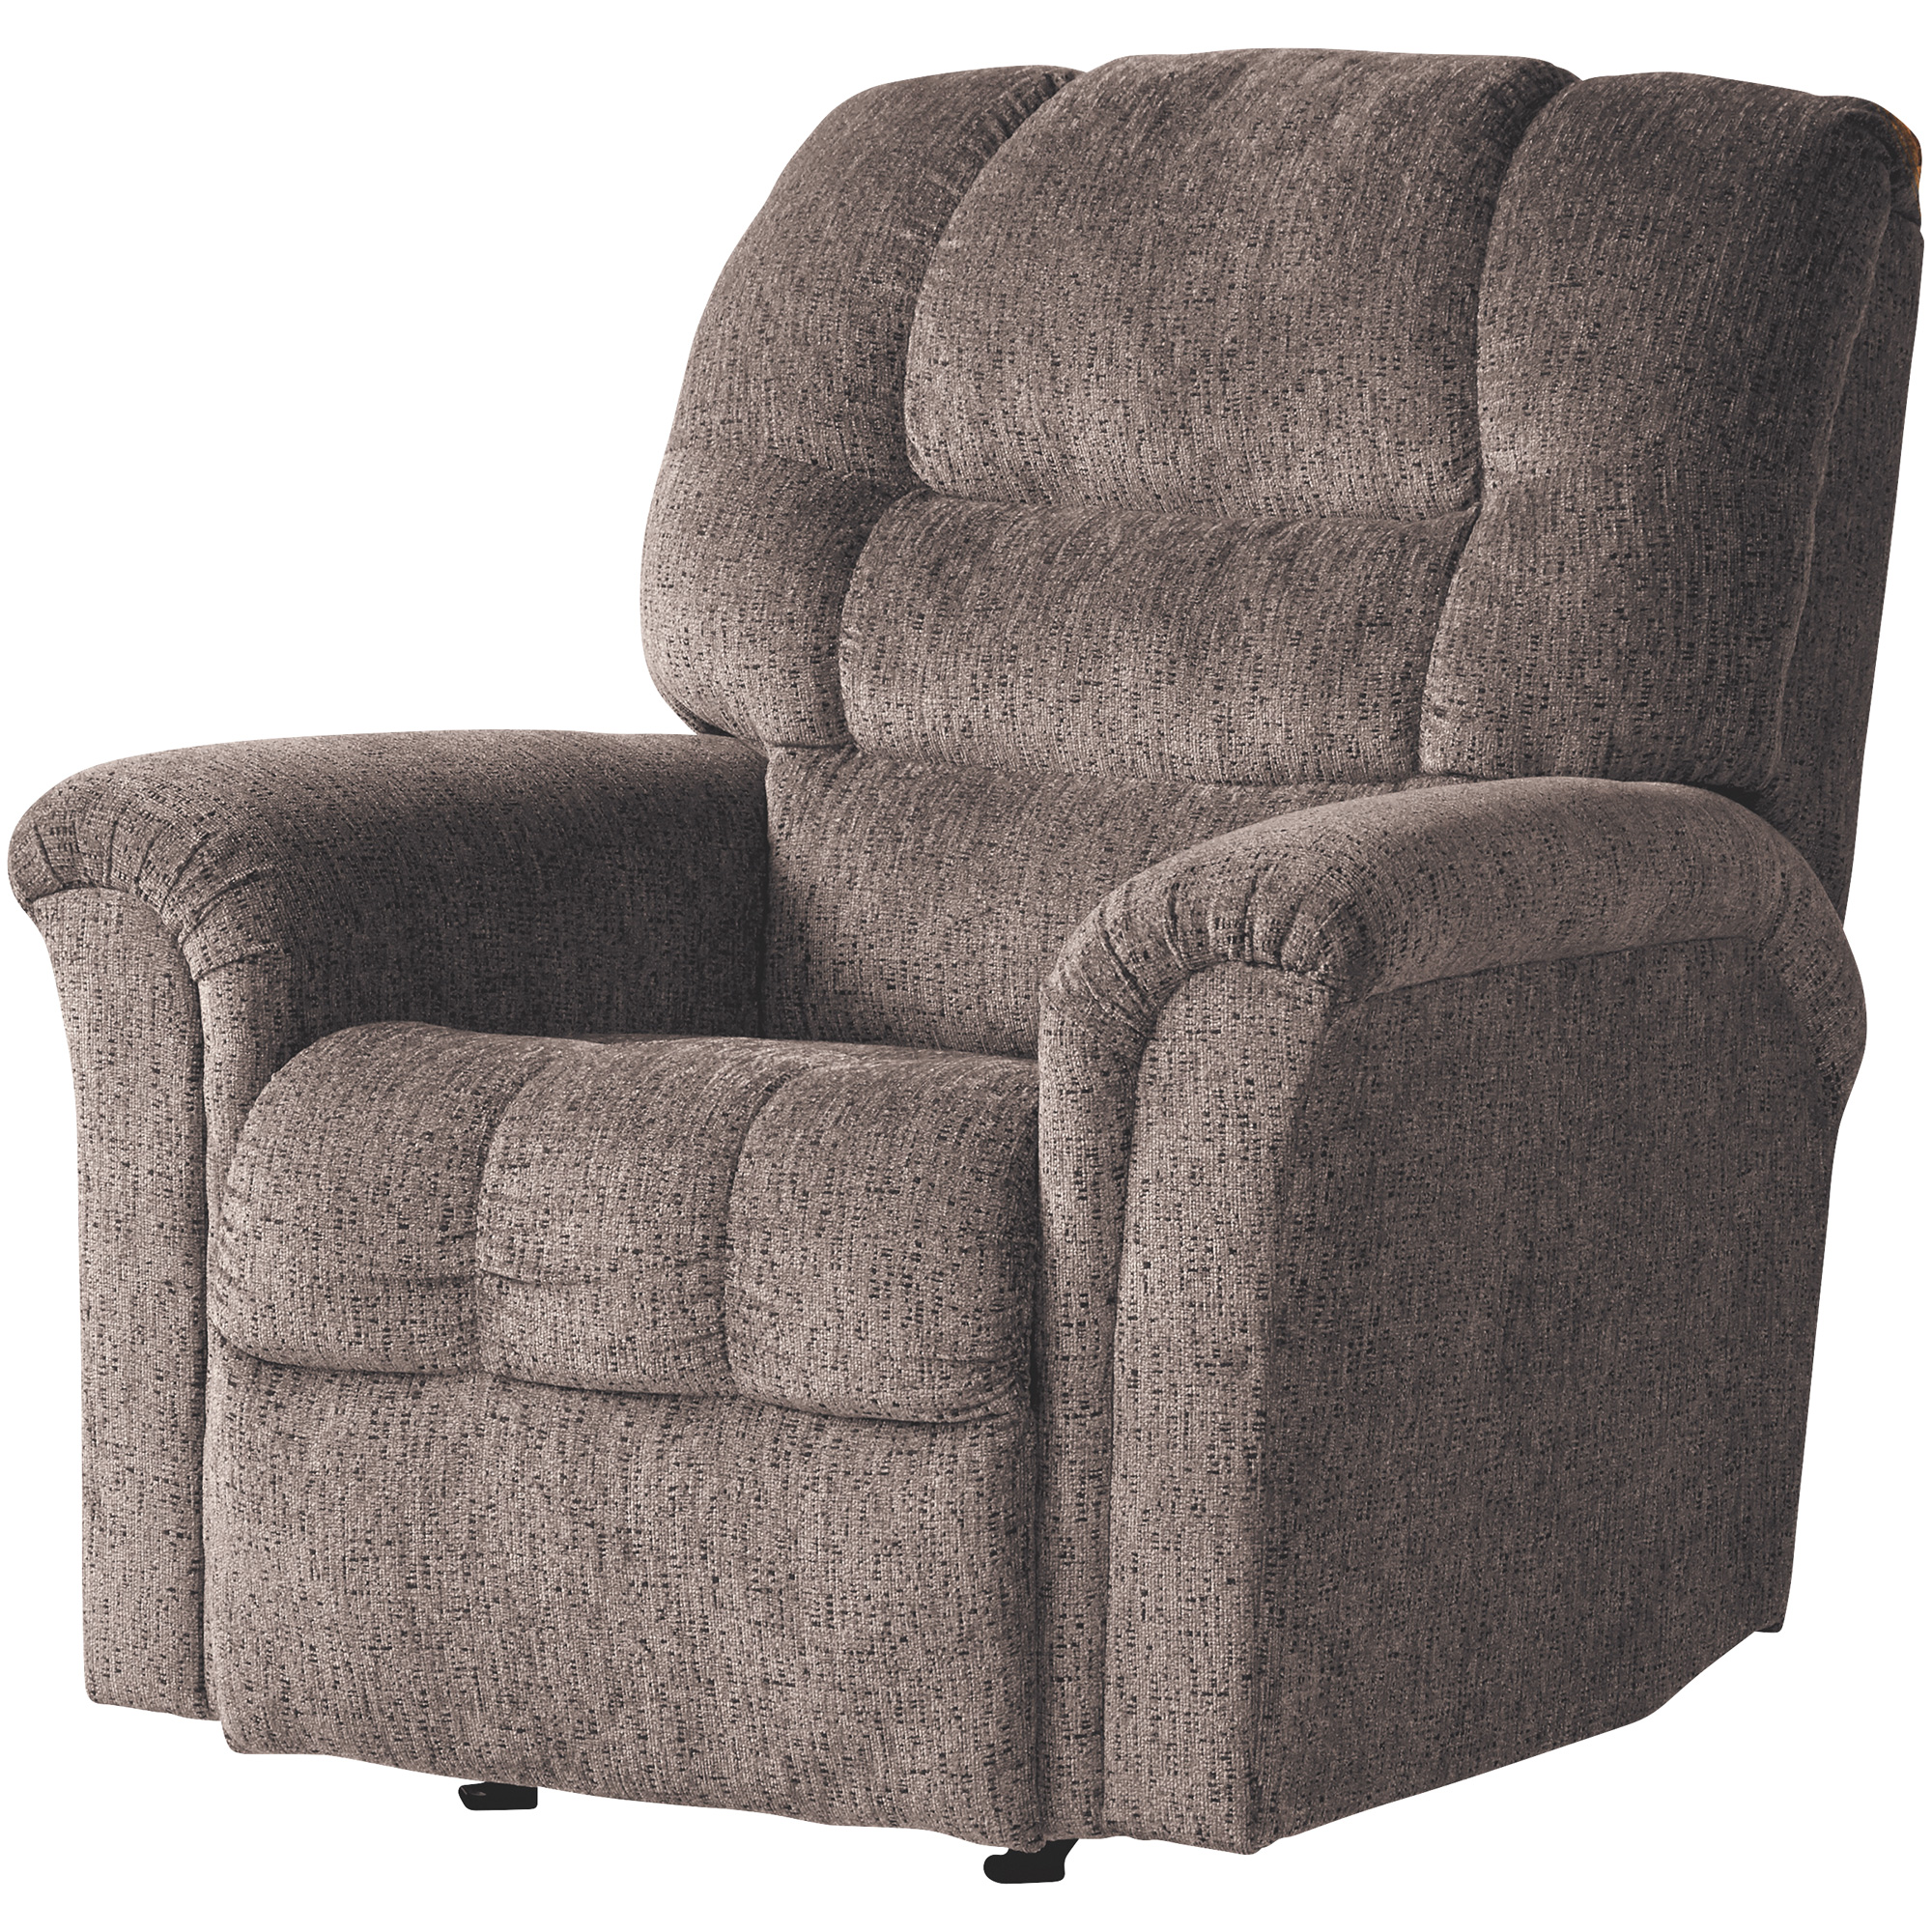 Hughes | Rocky Lewis Espresso Rocker Recliner Chair | Dark Brown